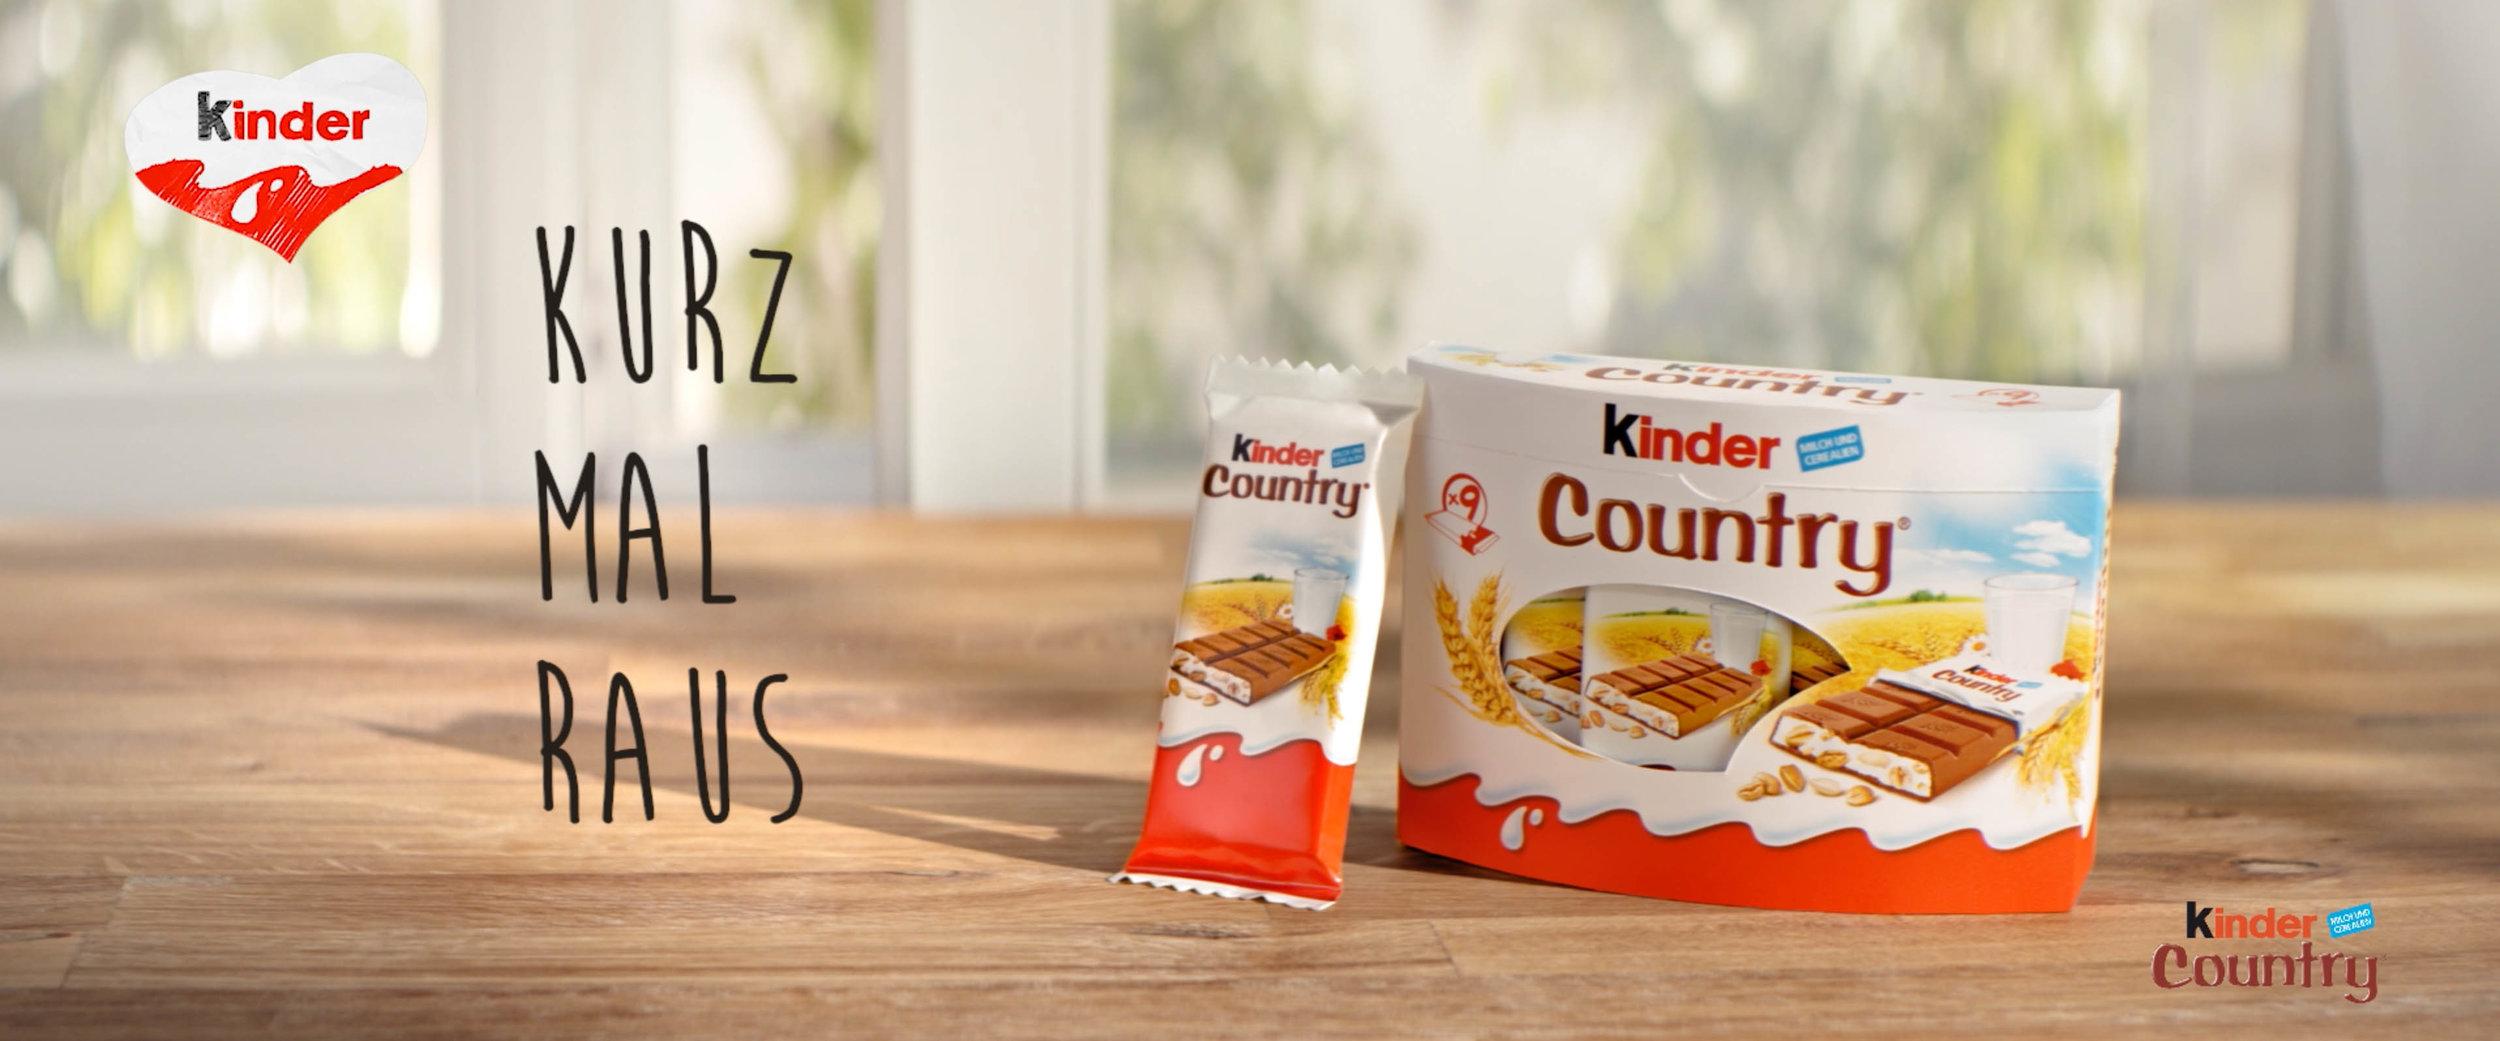 Kinder-Country-Ferrero-Product-Shot-Filmstill_02.jpg